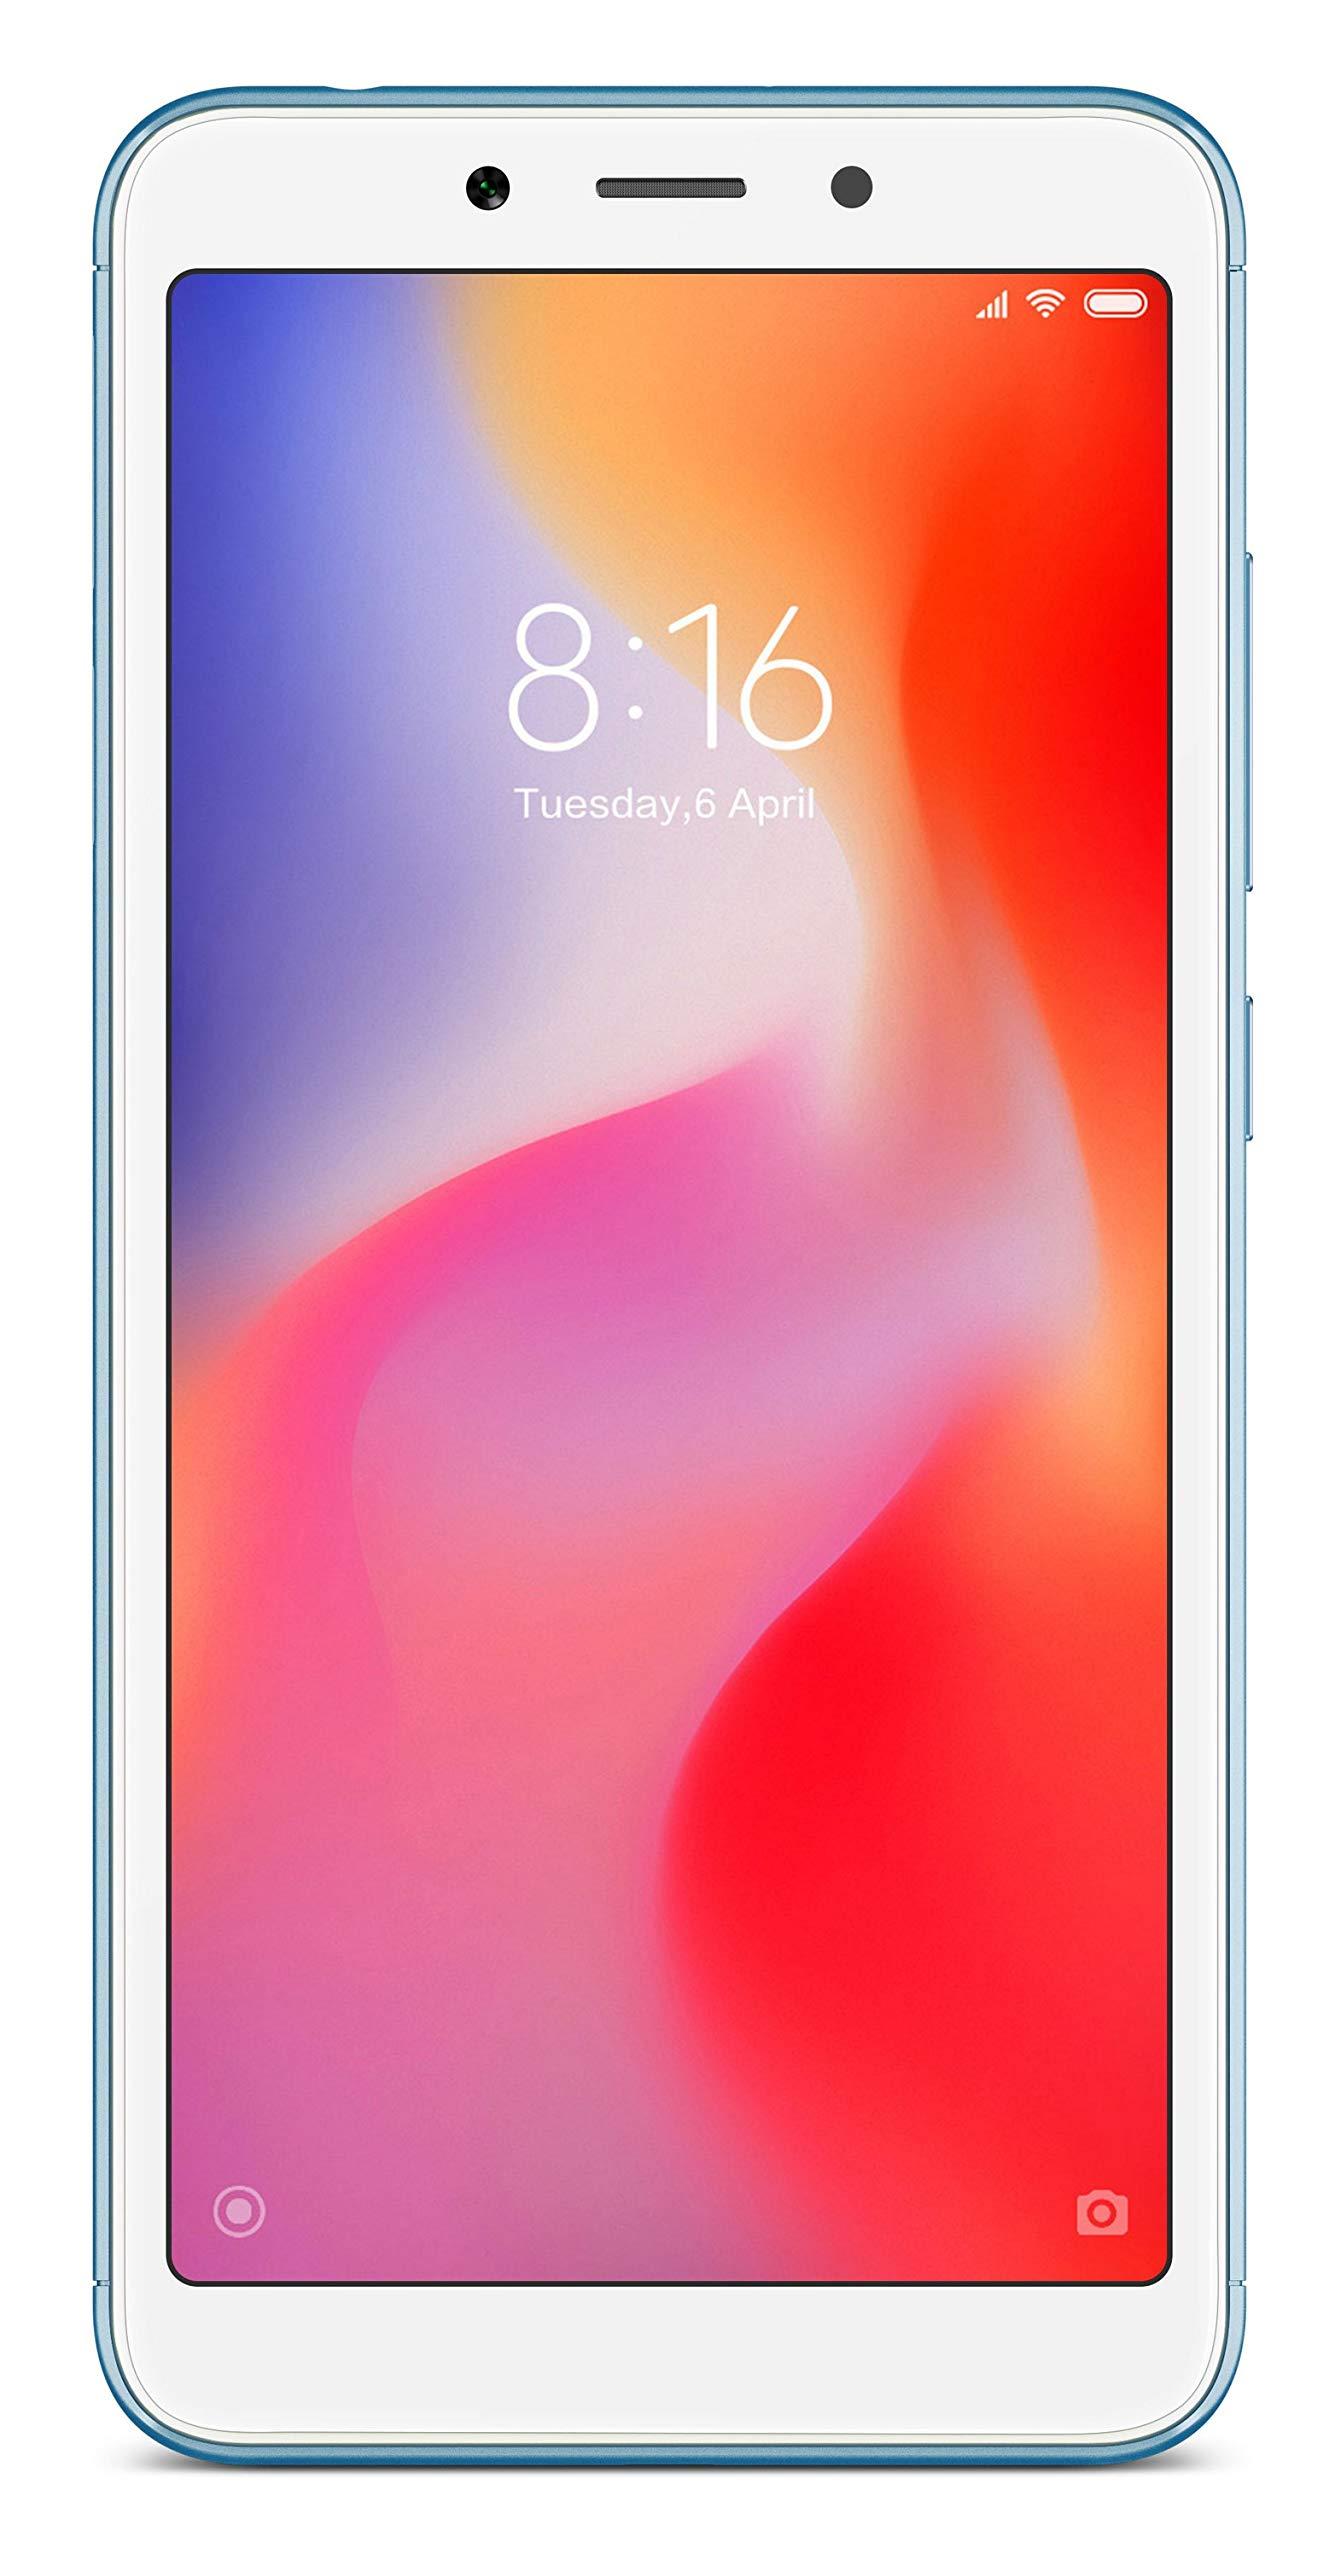 xiaomi redmi 6a (blue, 16gb) - 71C8UT8KMSL - Xiaomi Redmi 6A (Blue, 16GB)